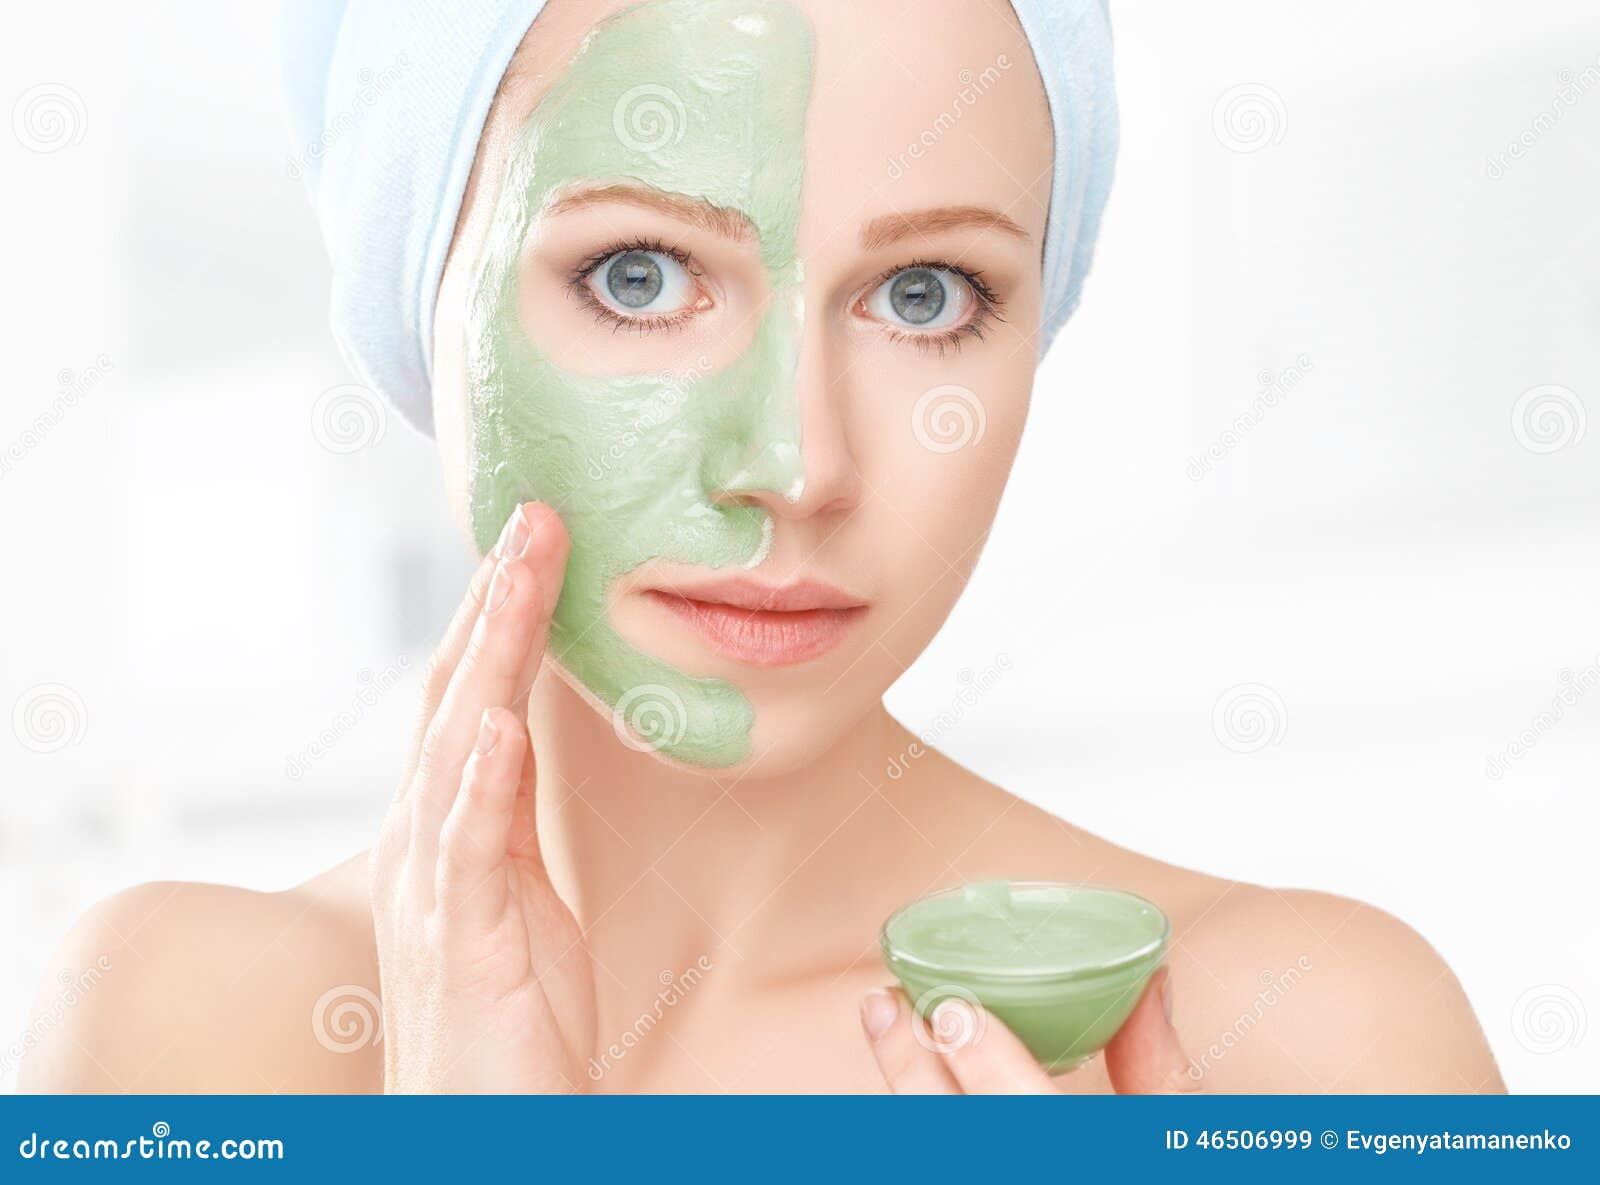 facial mask girls